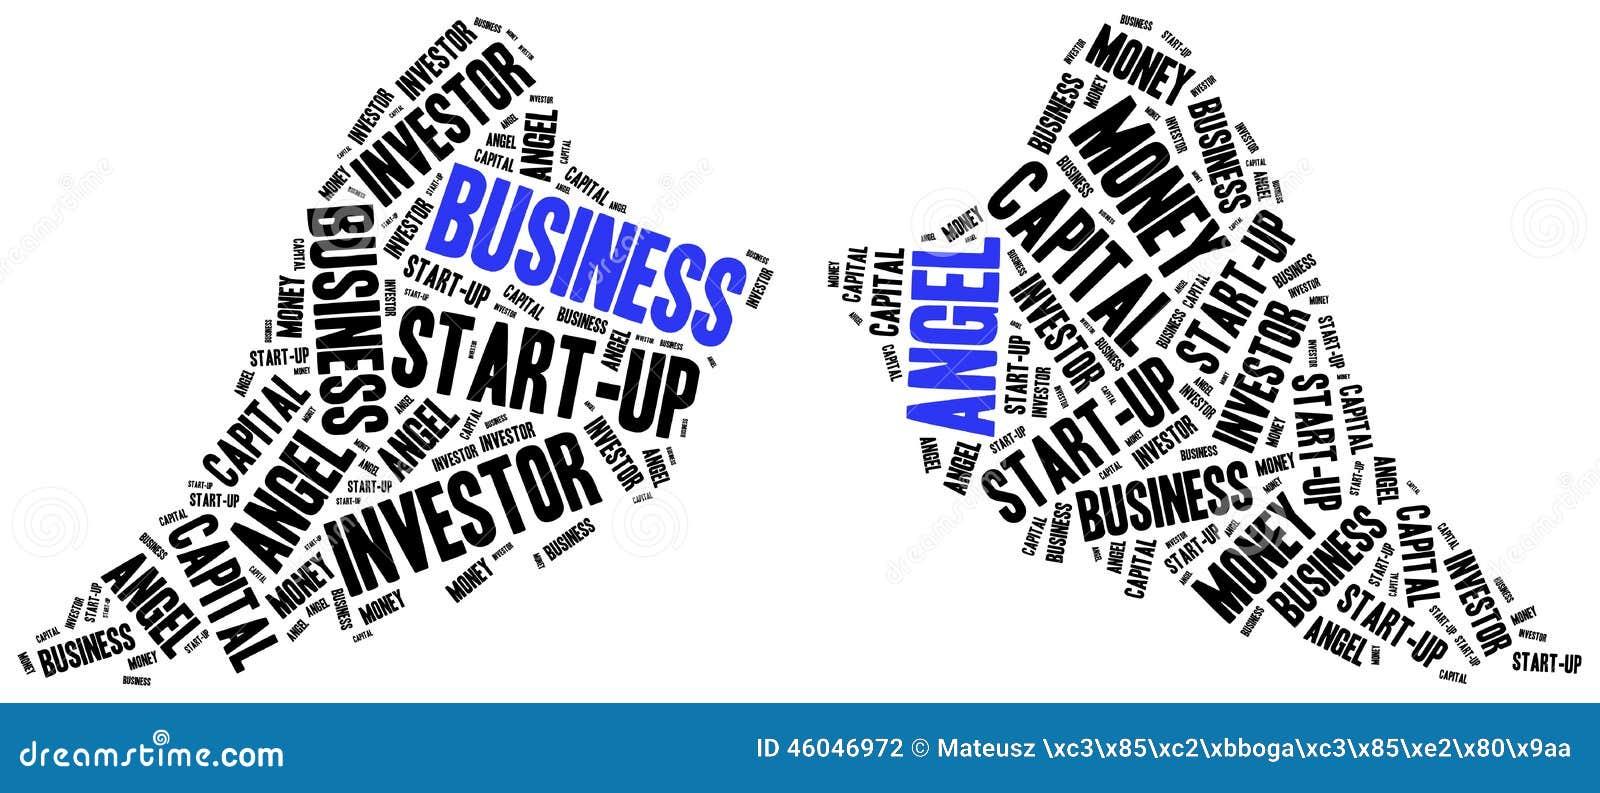 business angel or funds gaining concept stock illustration illustration 46046972. Black Bedroom Furniture Sets. Home Design Ideas